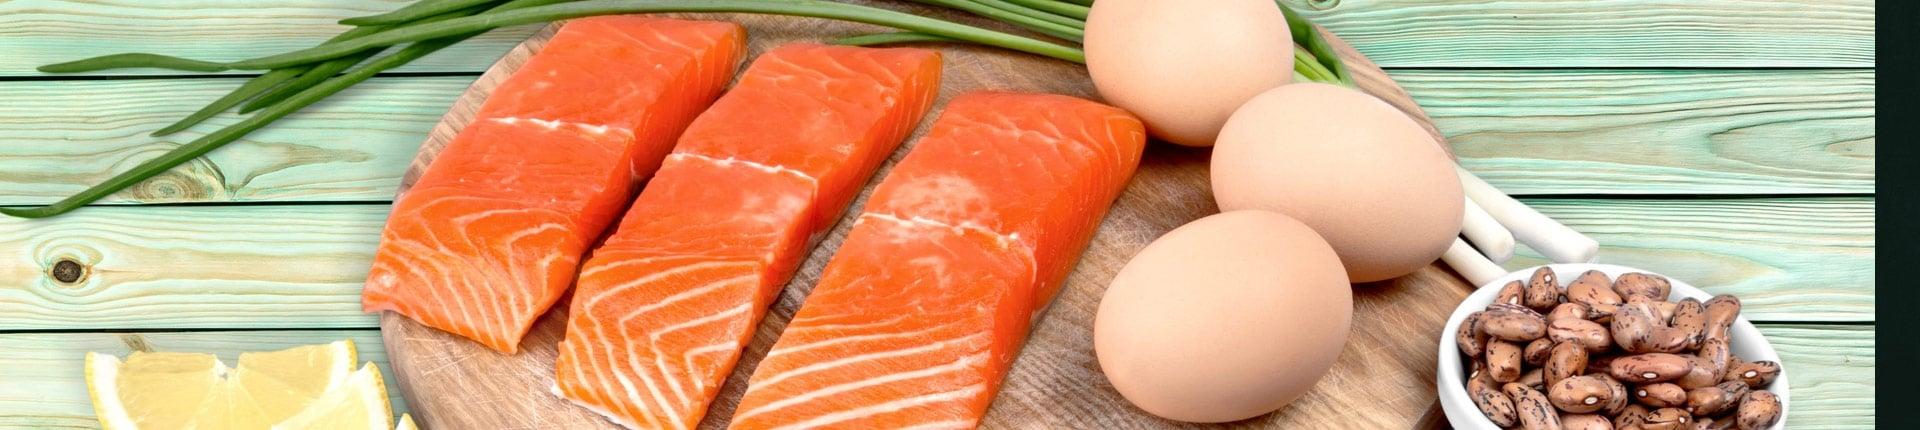 Produkty bogate w białko. Najlepsze źródła białka